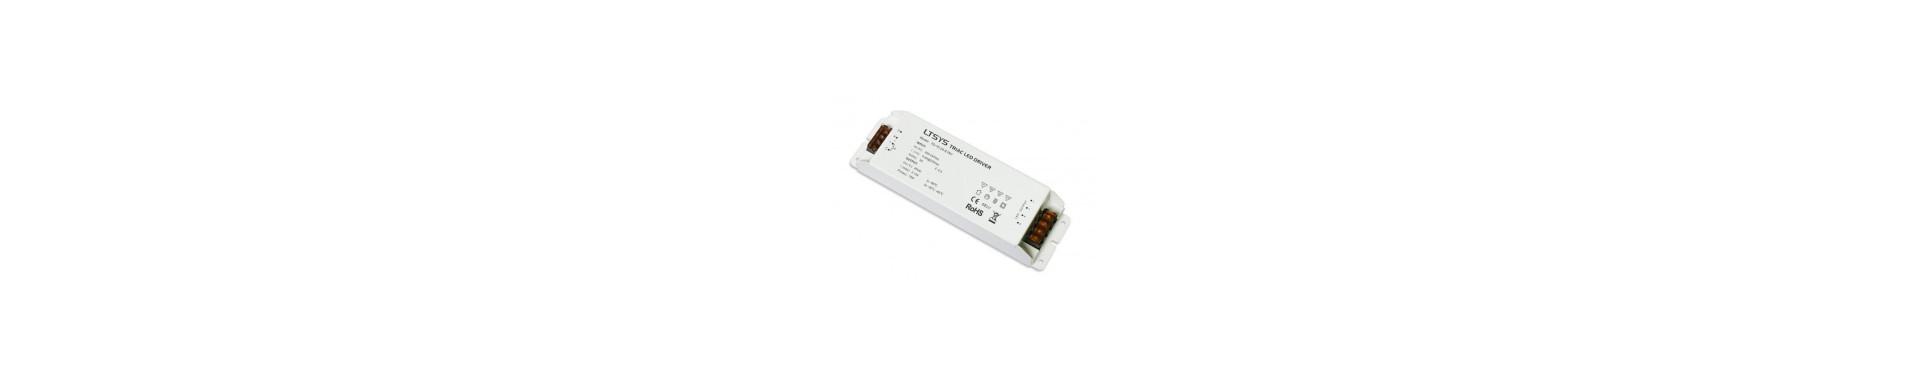 LED driver 12v - Strømforsyning til 12 volt LED belysning